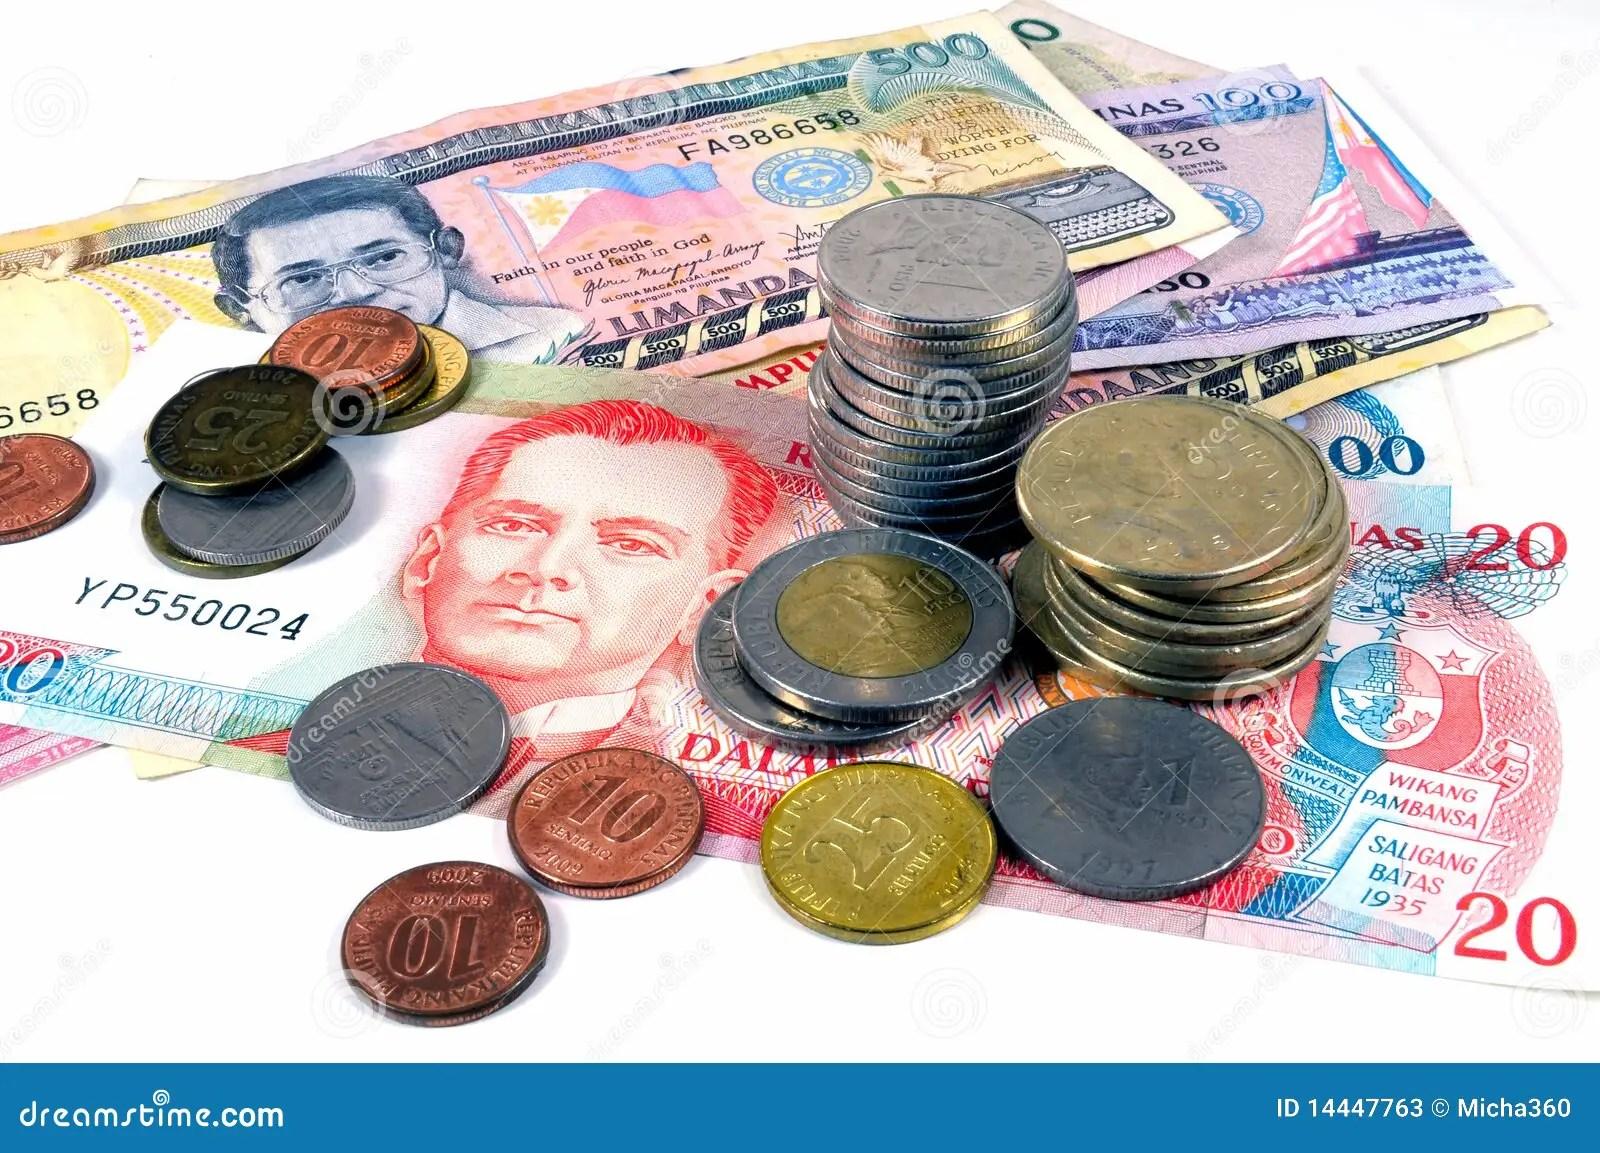 Philippinen Geld Stockbild Bild Von Geschaft Austausch